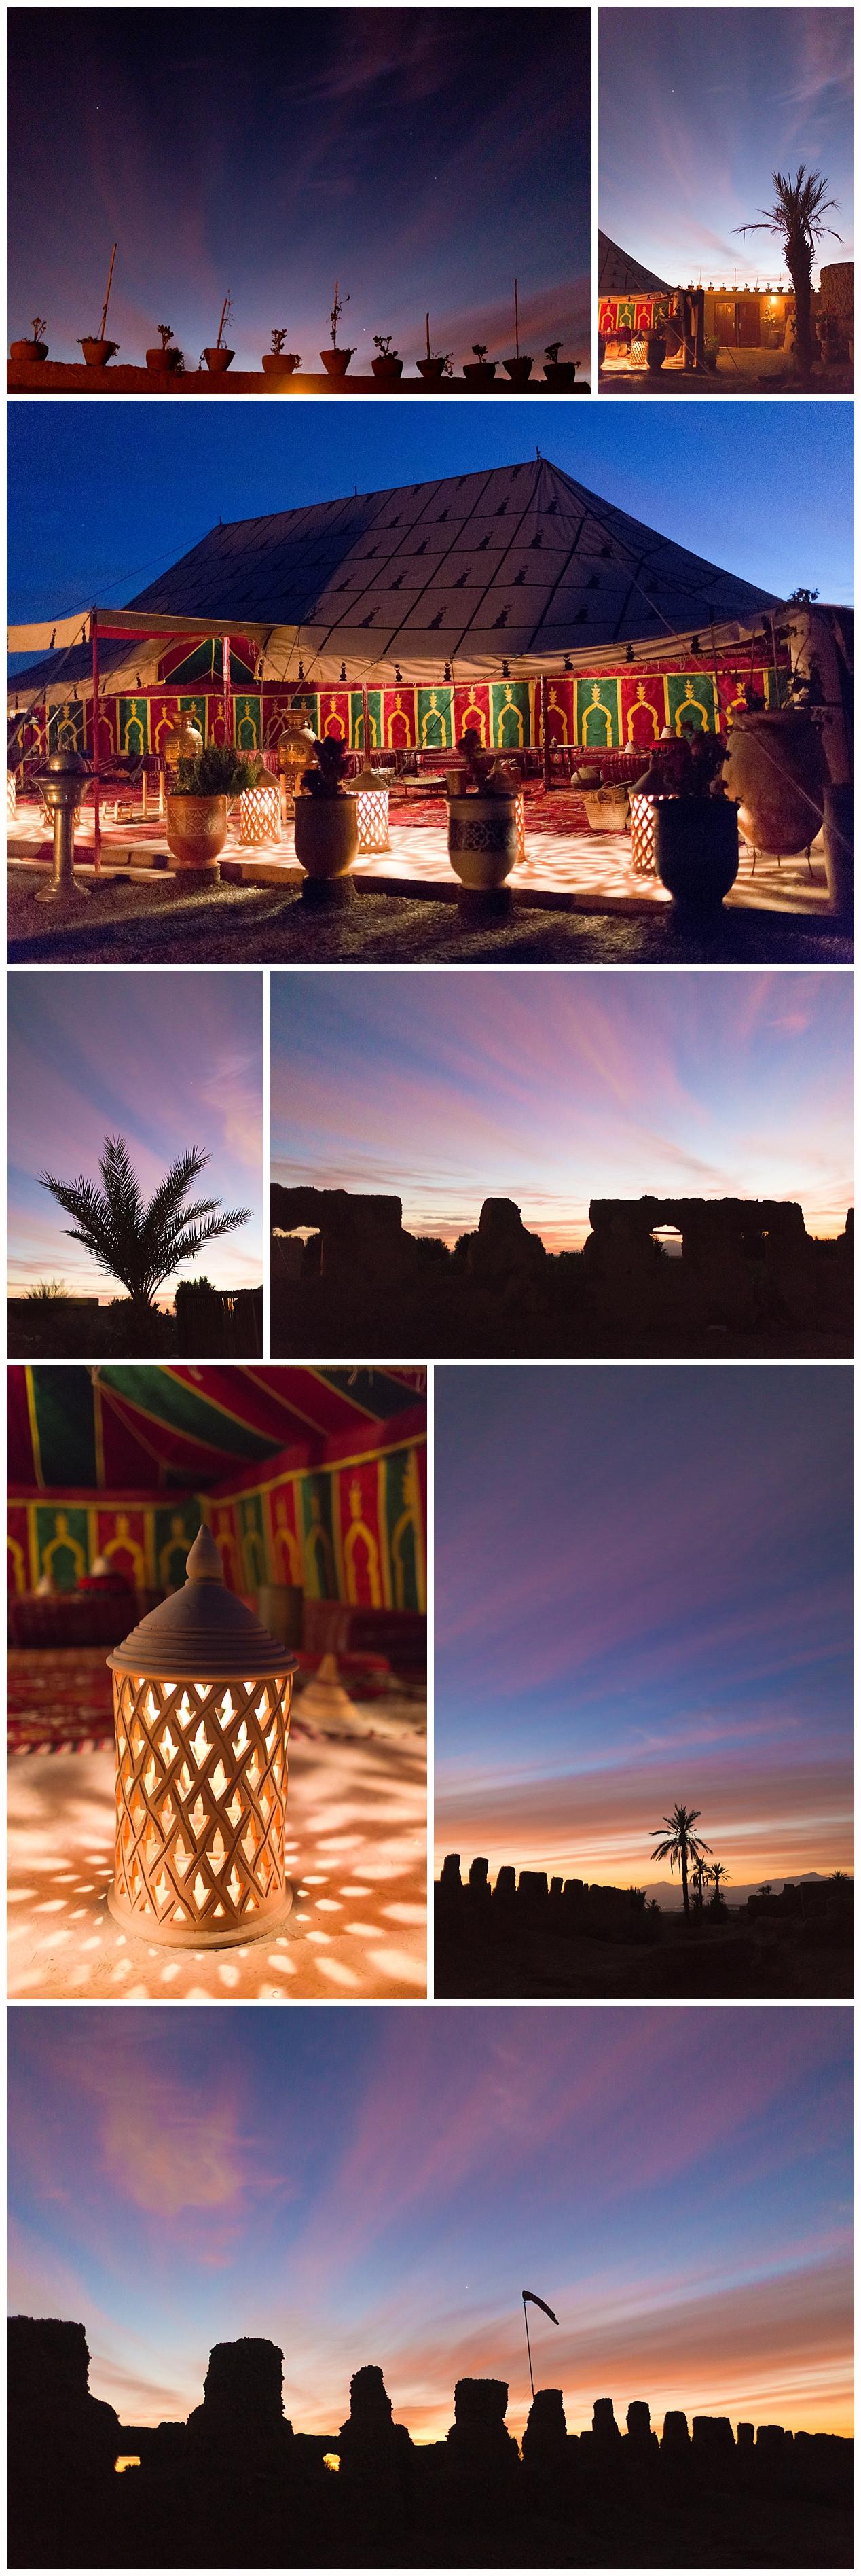 sunrise in the Sahara desert of Morocco